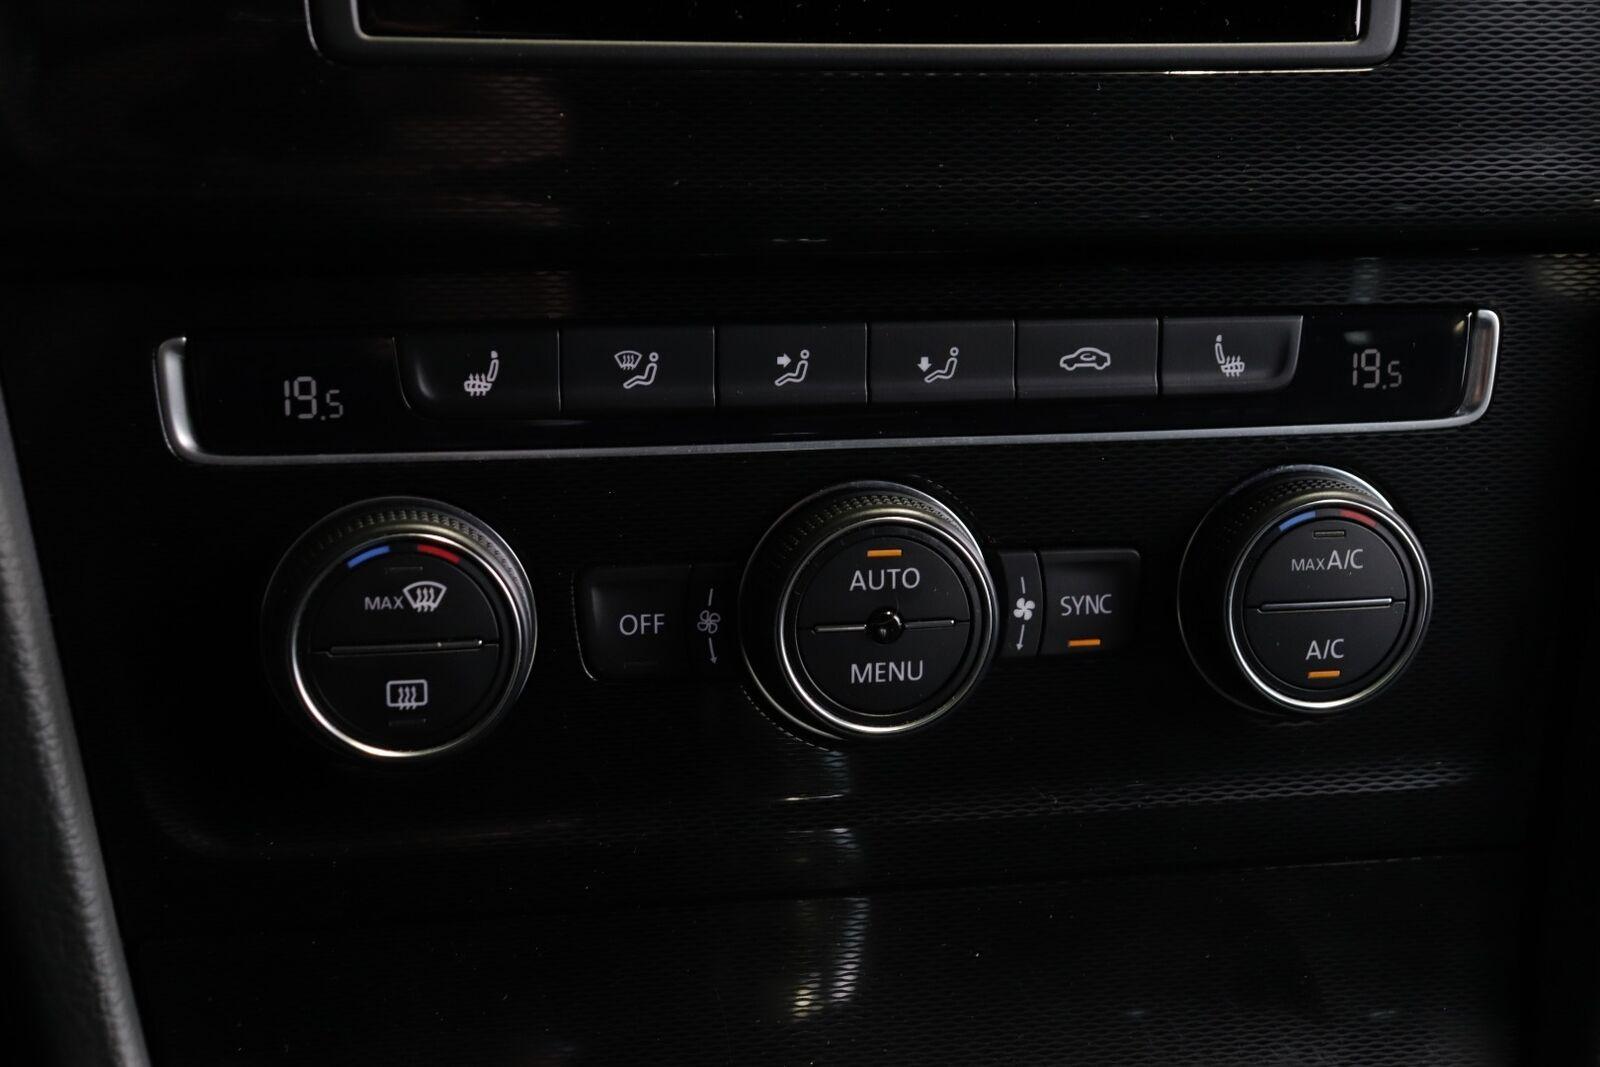 VW Golf VII GTE DSG